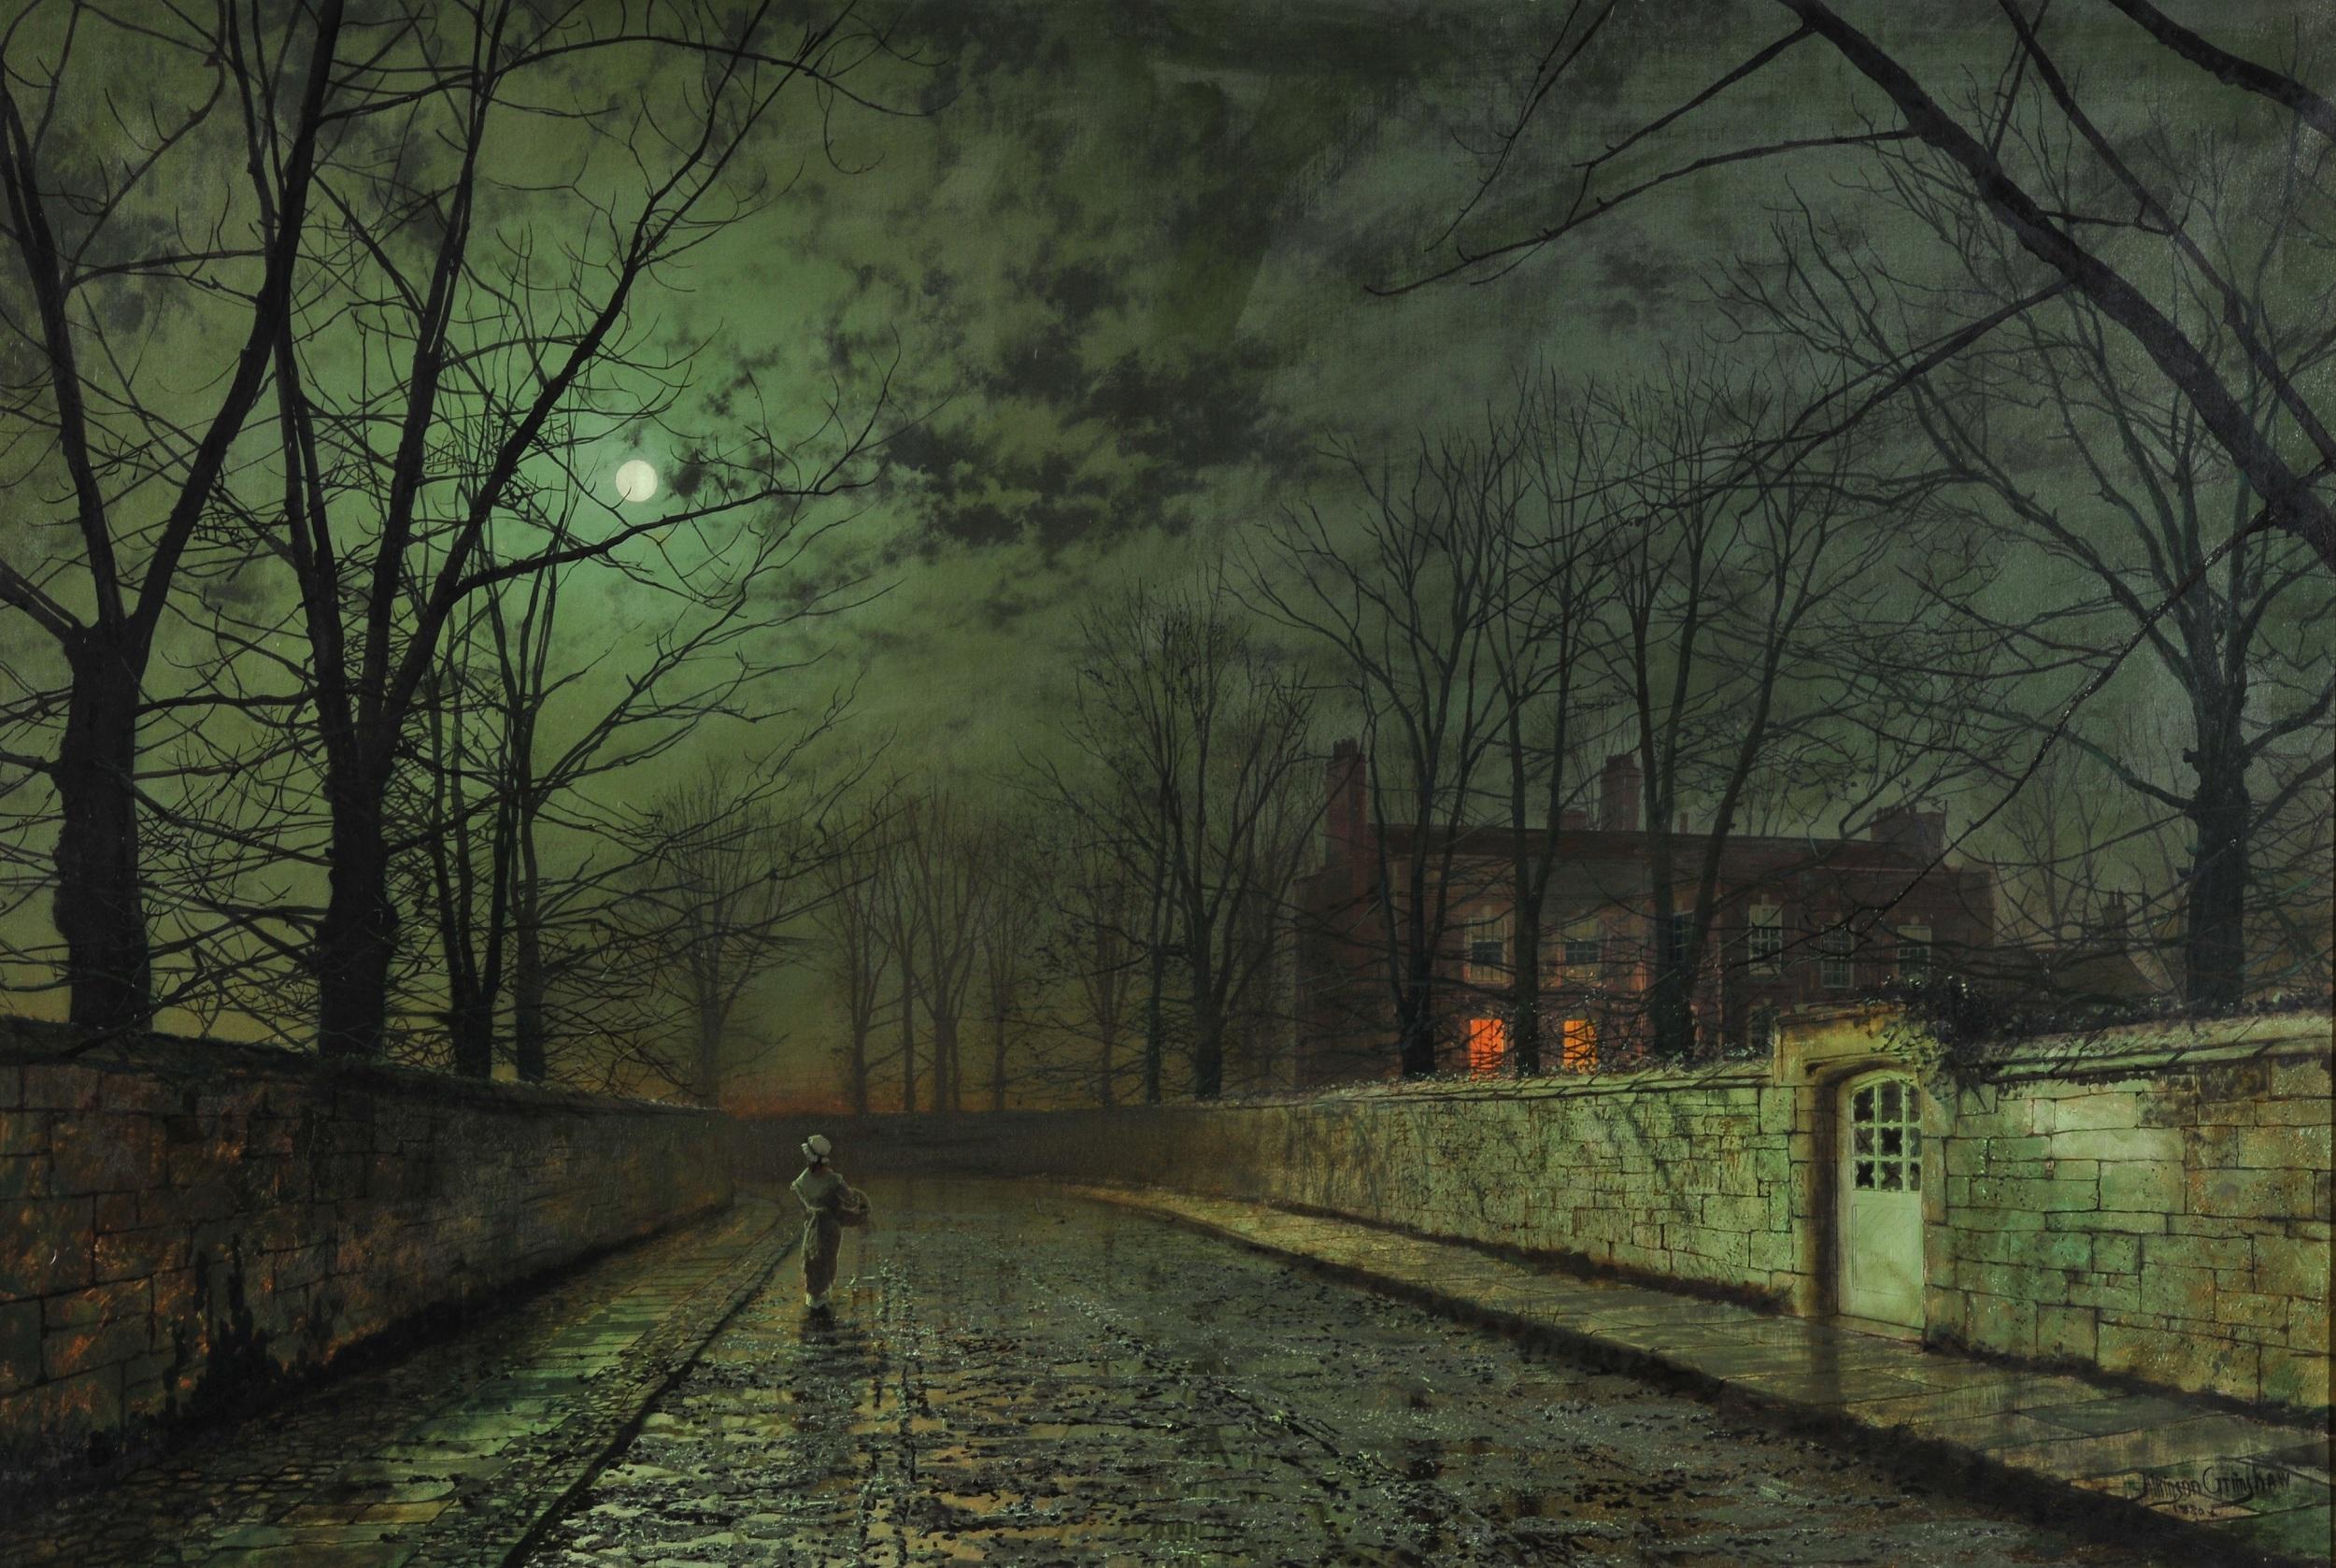 John Atkinson Grimshaw. Silver Moonlight, 1880